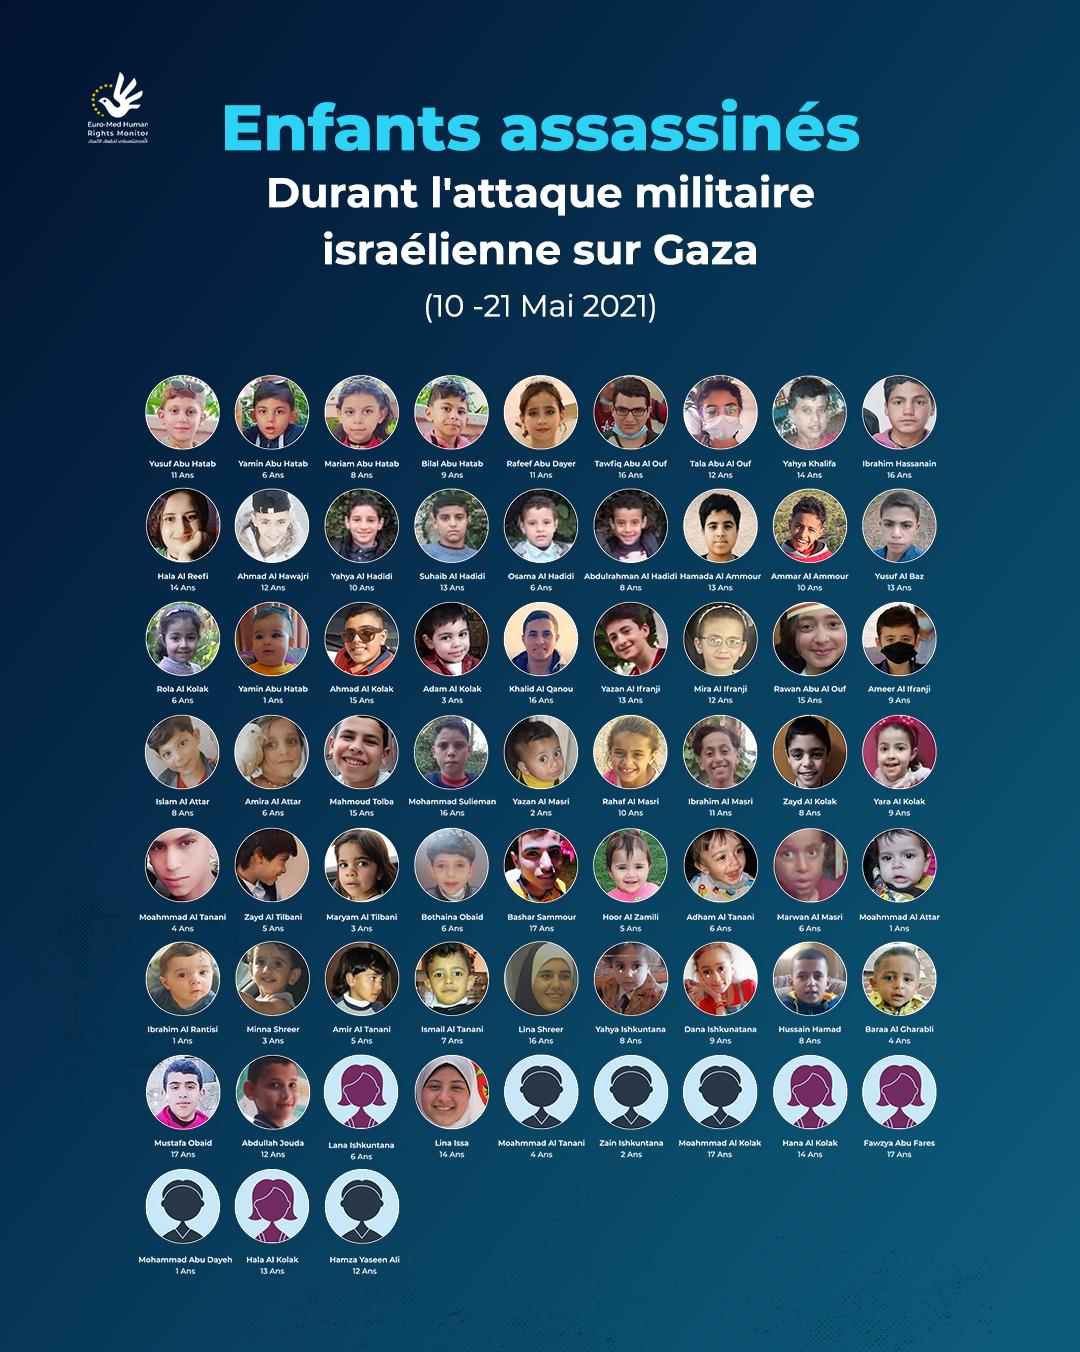 Enfants assassinés Durant l'attaque militaire israélienne sur Gaza (10-21 Mai 2021)